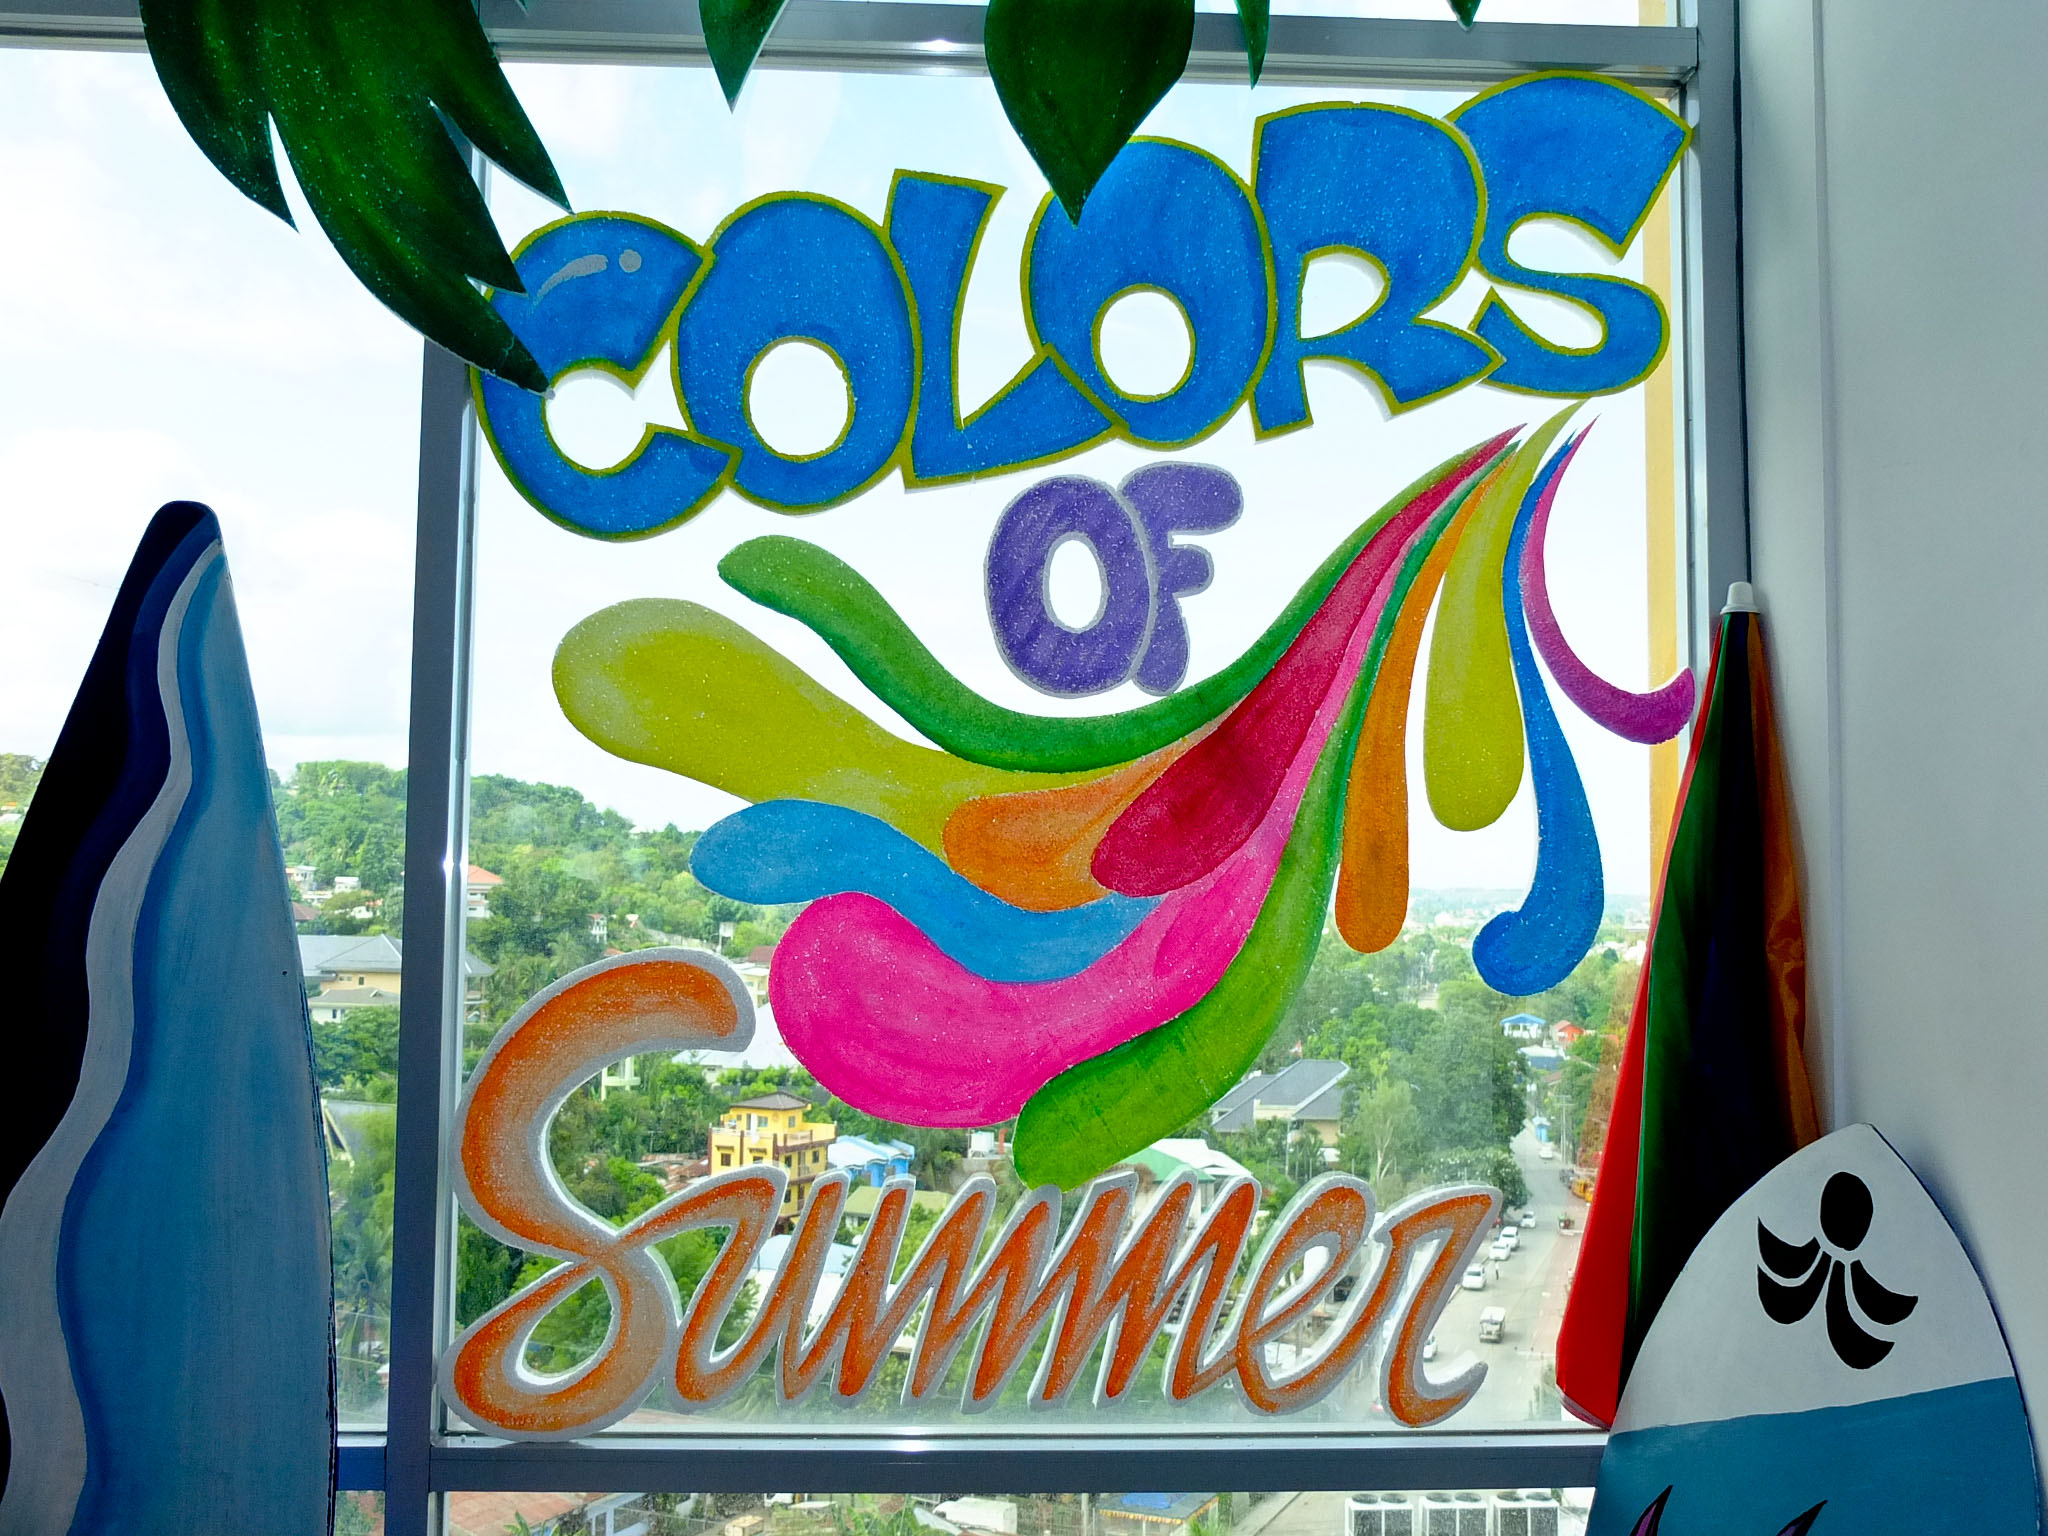 DSCF1098 DSCF1086 DSCF1089 DSCF1091 DSCF1084 Summer Decorations In The Office